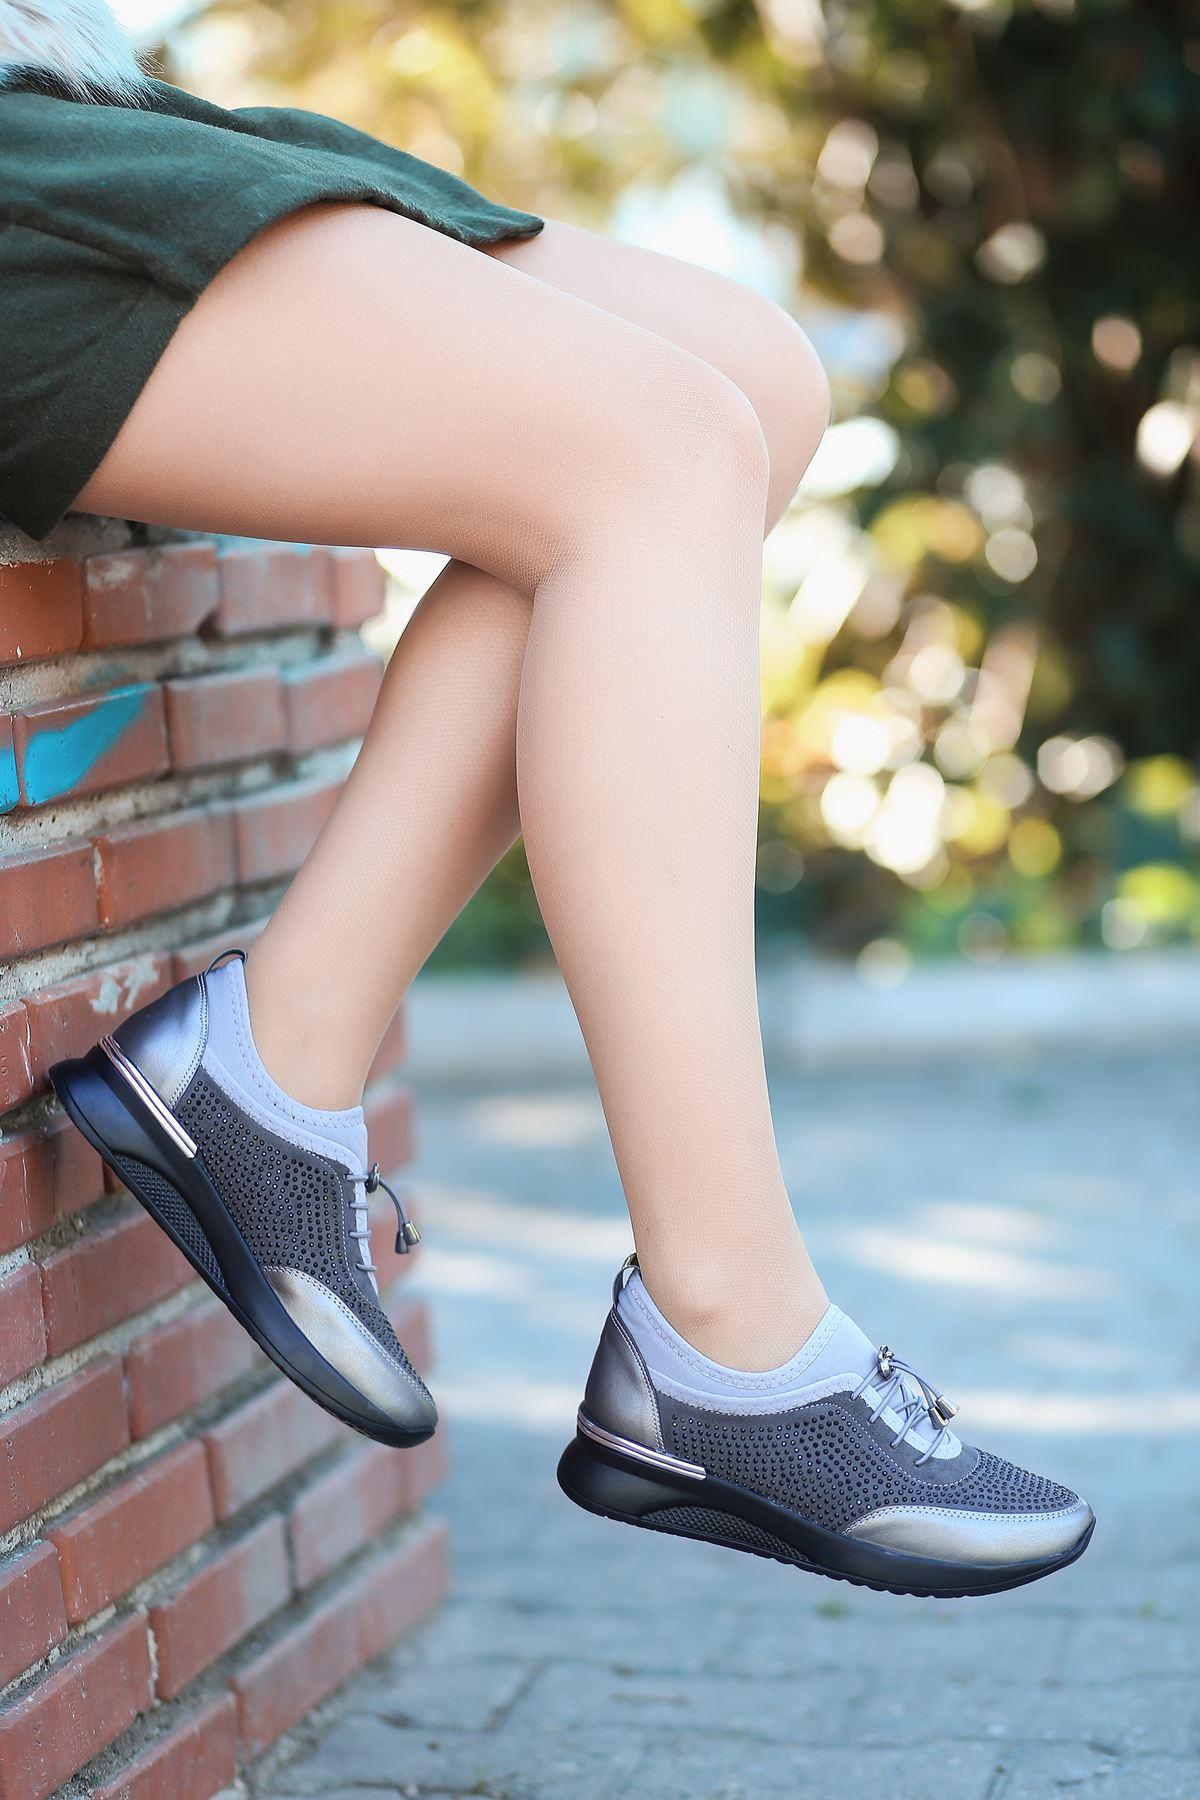 Matador Lastik Detaylı Taşlı Platin Kadın Spor Ayakkabı